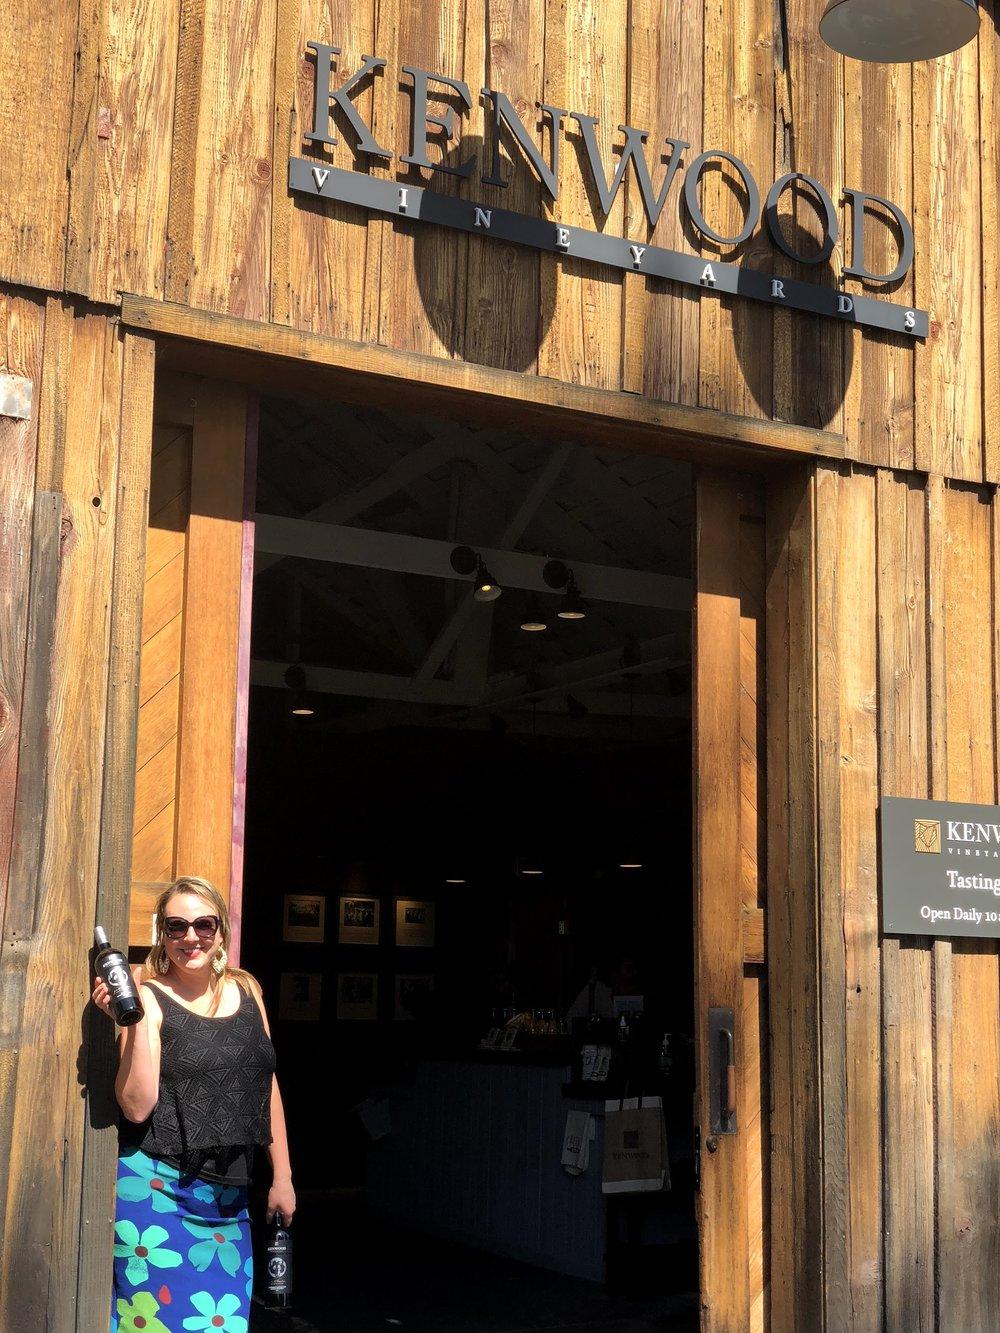 Sonoma Wine Life At Kenwood Winery